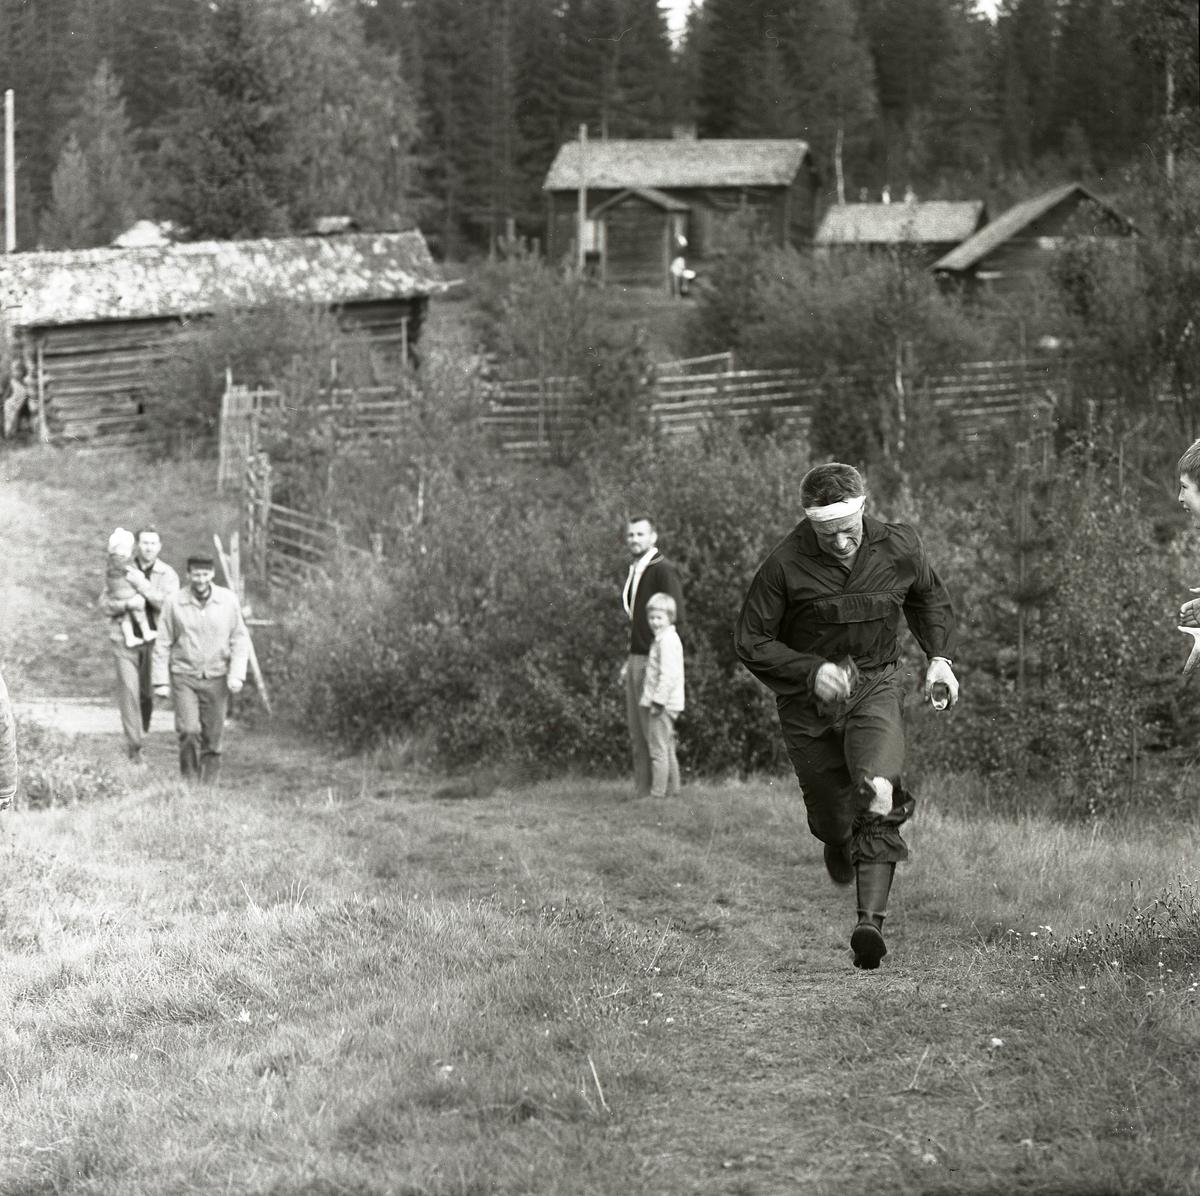 En man kommer springande upp för en backe i Svartbo 1963. Han deltar i distriksmästerskapen i orientering och en liten publik bestående av barn och tre män hejar på honom. I bakgrunden står ett fäbodlandskap med gärdesgårdar, stugor och åkermark.